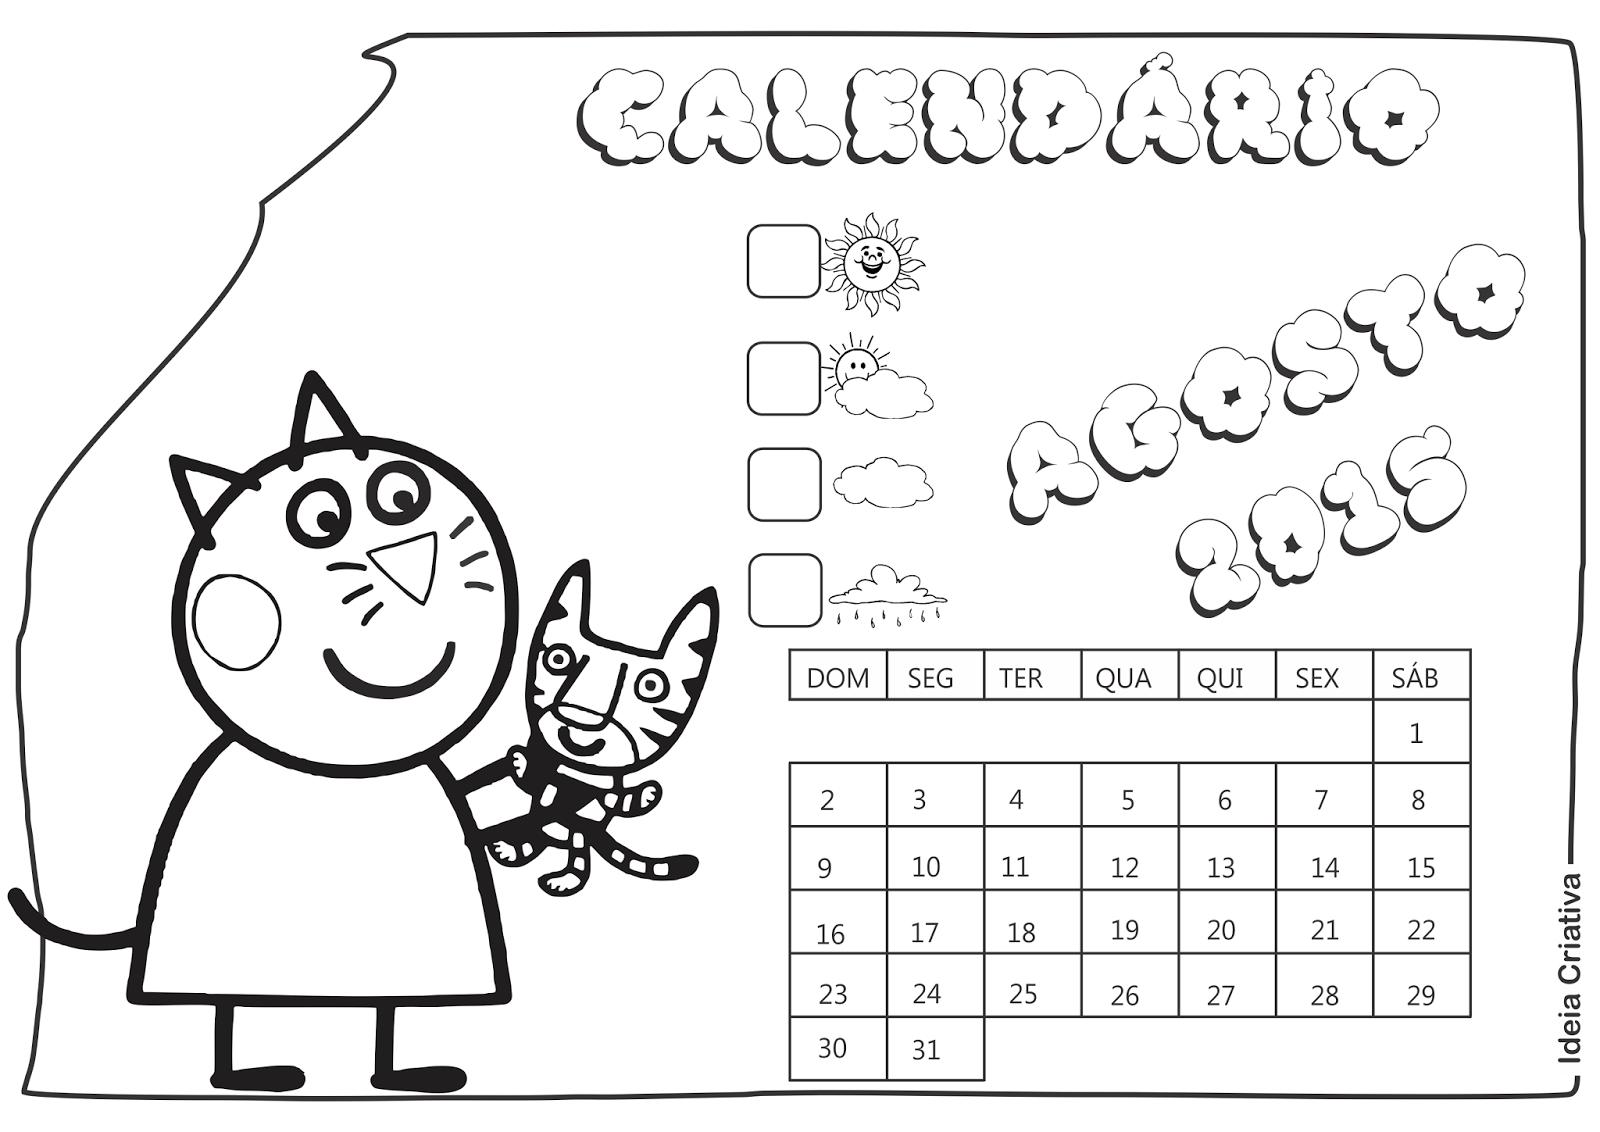 Calendário Agosto 2015 Peppa Pig e Seus Amigos para Imprimir Grátis